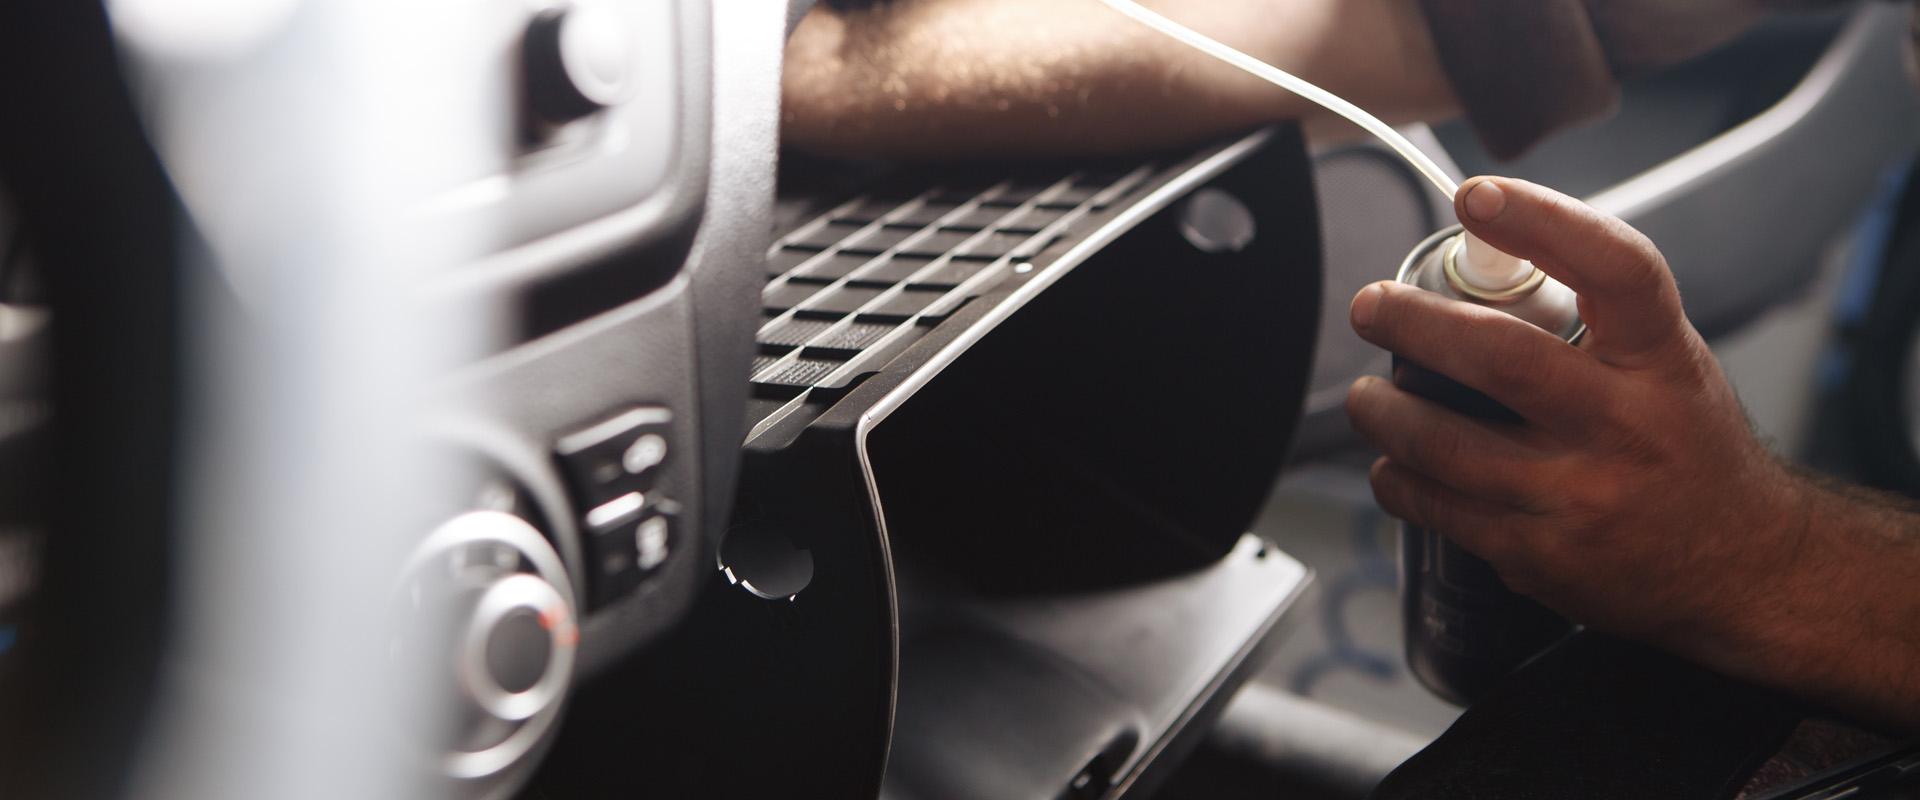 Reinigung der Klimaanlage bei Fahrzeugen in München